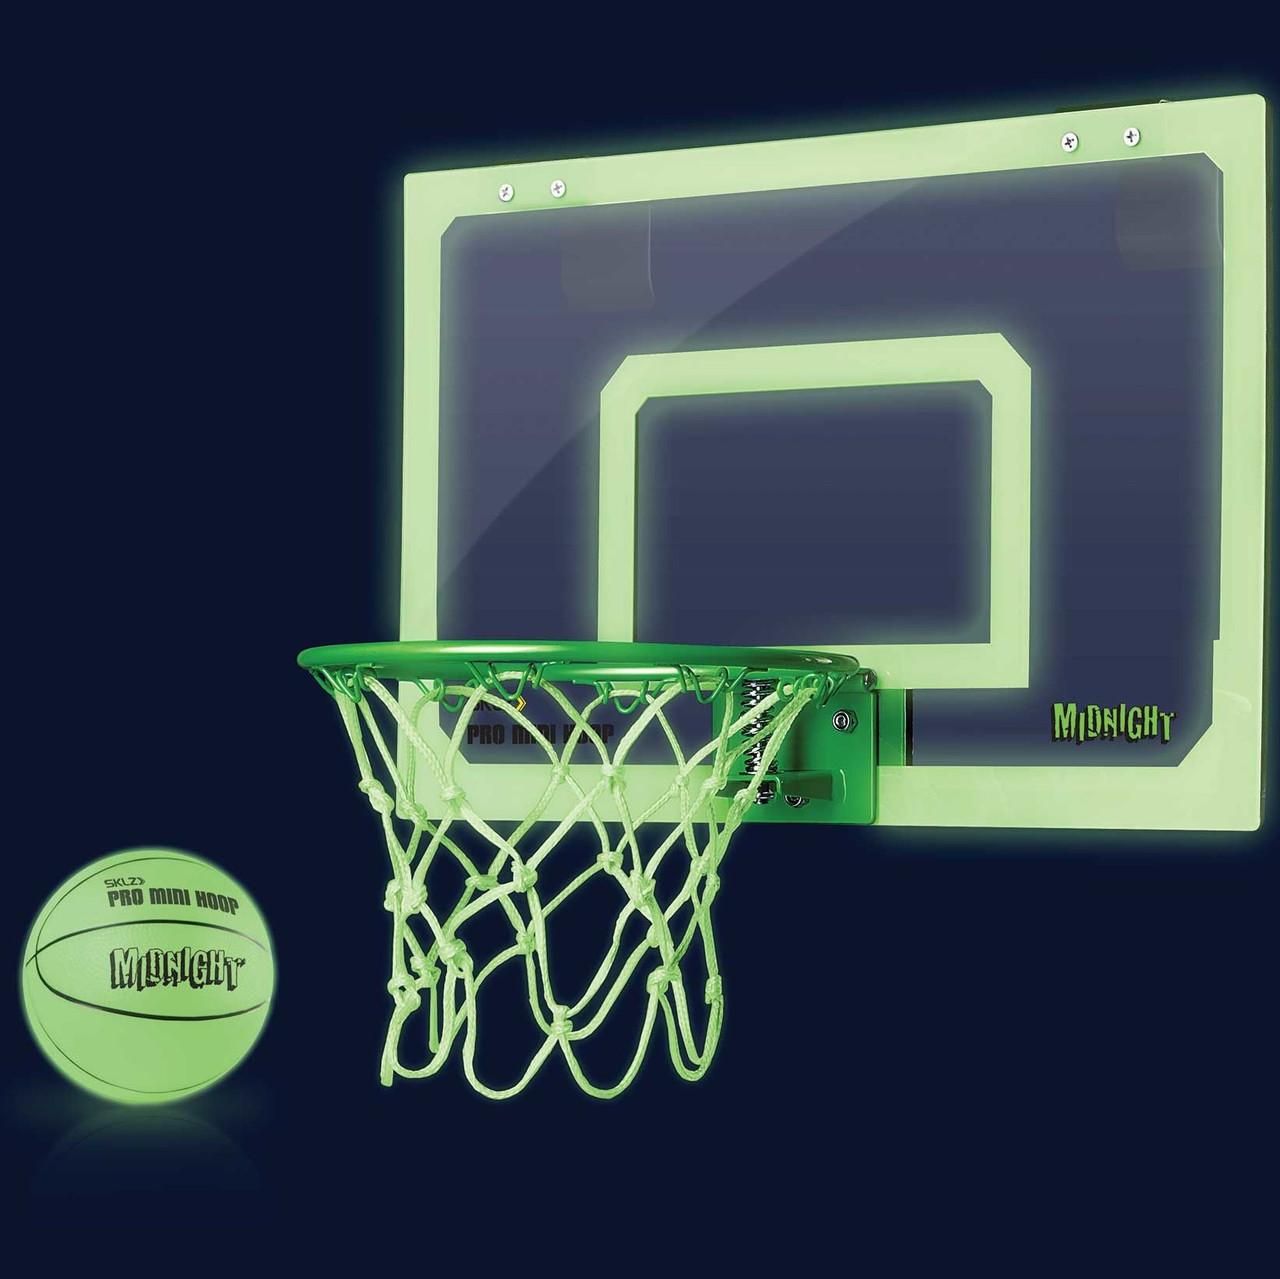 Мини-щит баскетбольный светящийся 45х30 см SKLZ Pro Mini Hoop® Midnight с кольцом, мячем и сеткой